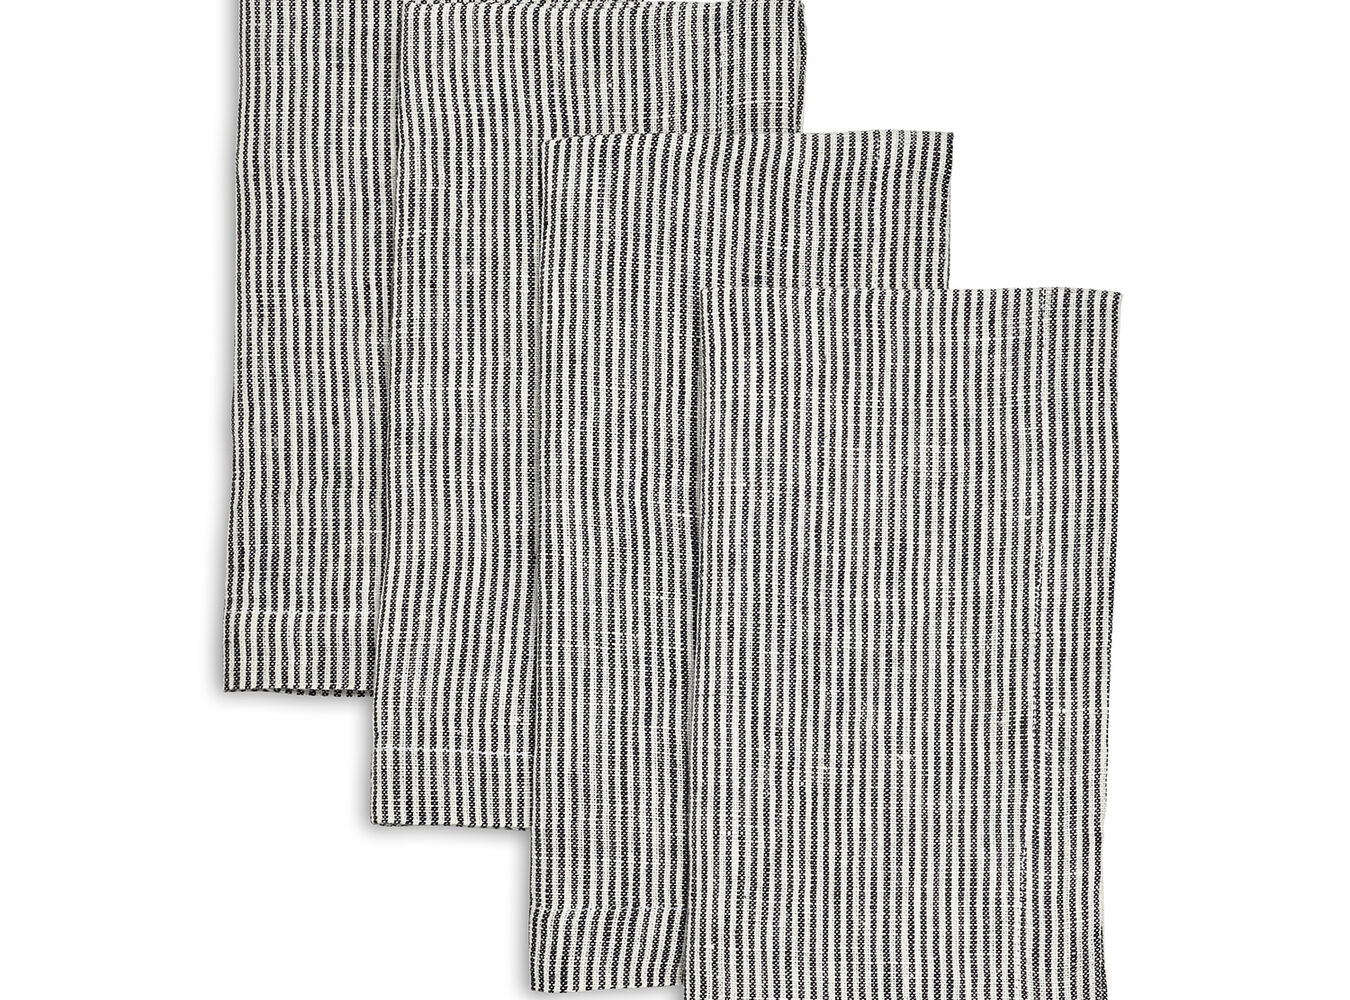 Linen Pinstripe Napkins, Sets of 4 | Sur La Table